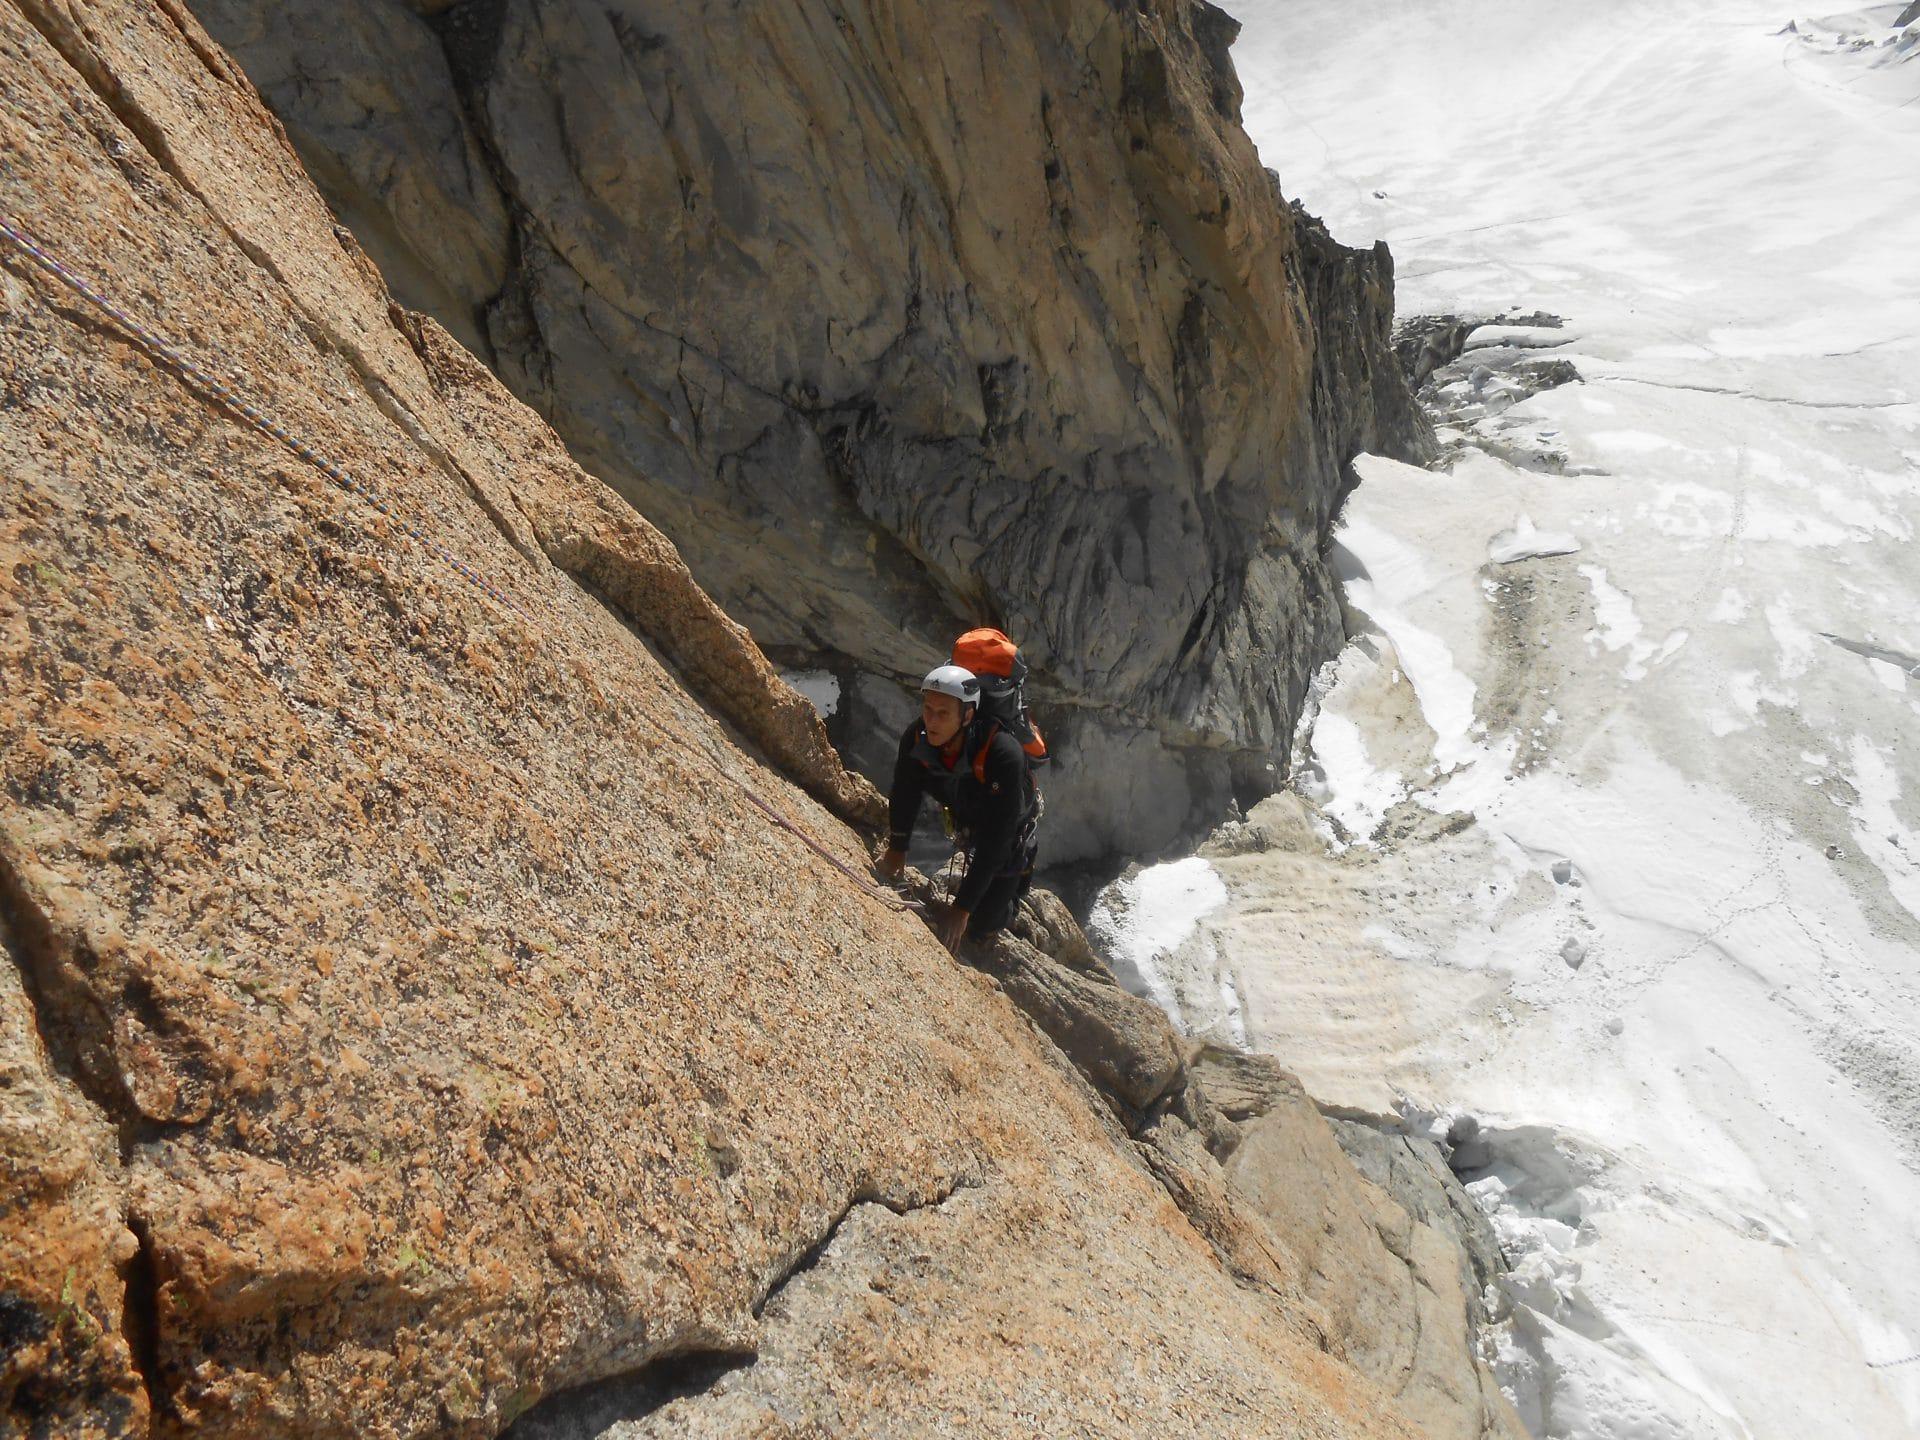 Helyum_Xavier-Carrard_guide-de-montagne_Pilier-Gervasutti_Mont-Blanc_du_tacul_France.5